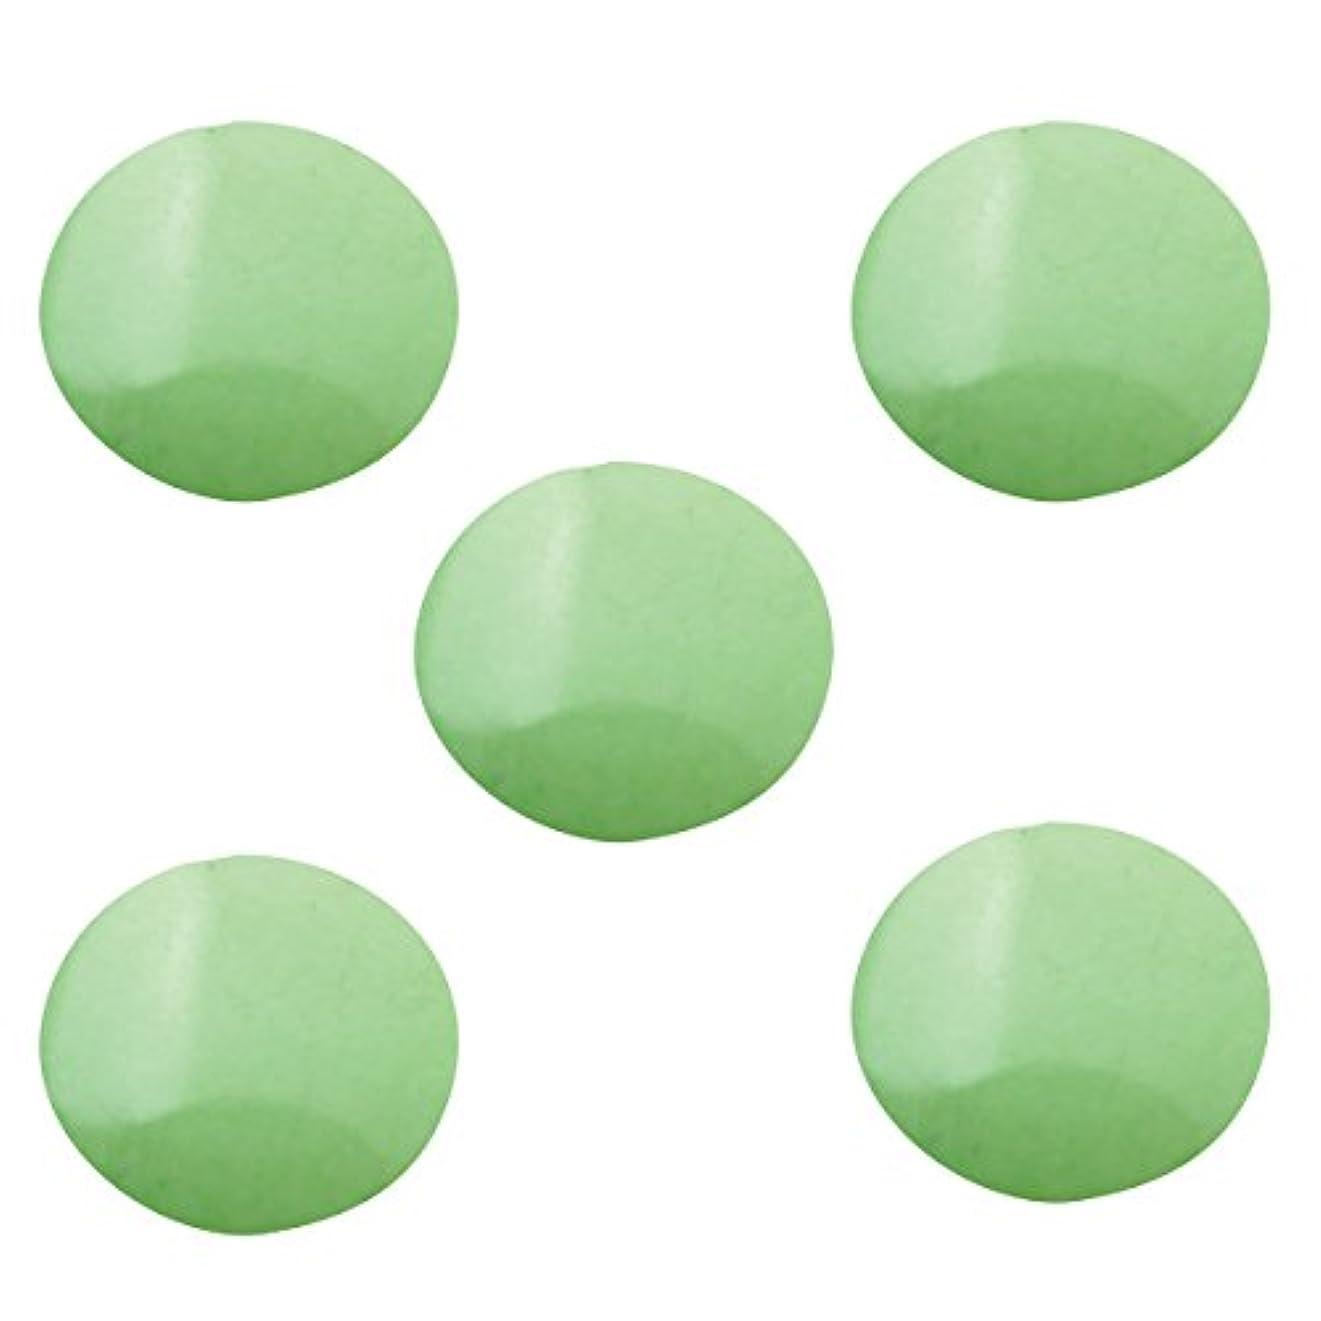 ナプキン幸運なことに体系的にパステルスタッズ ラウンド 3mm (100個入り) グリーン